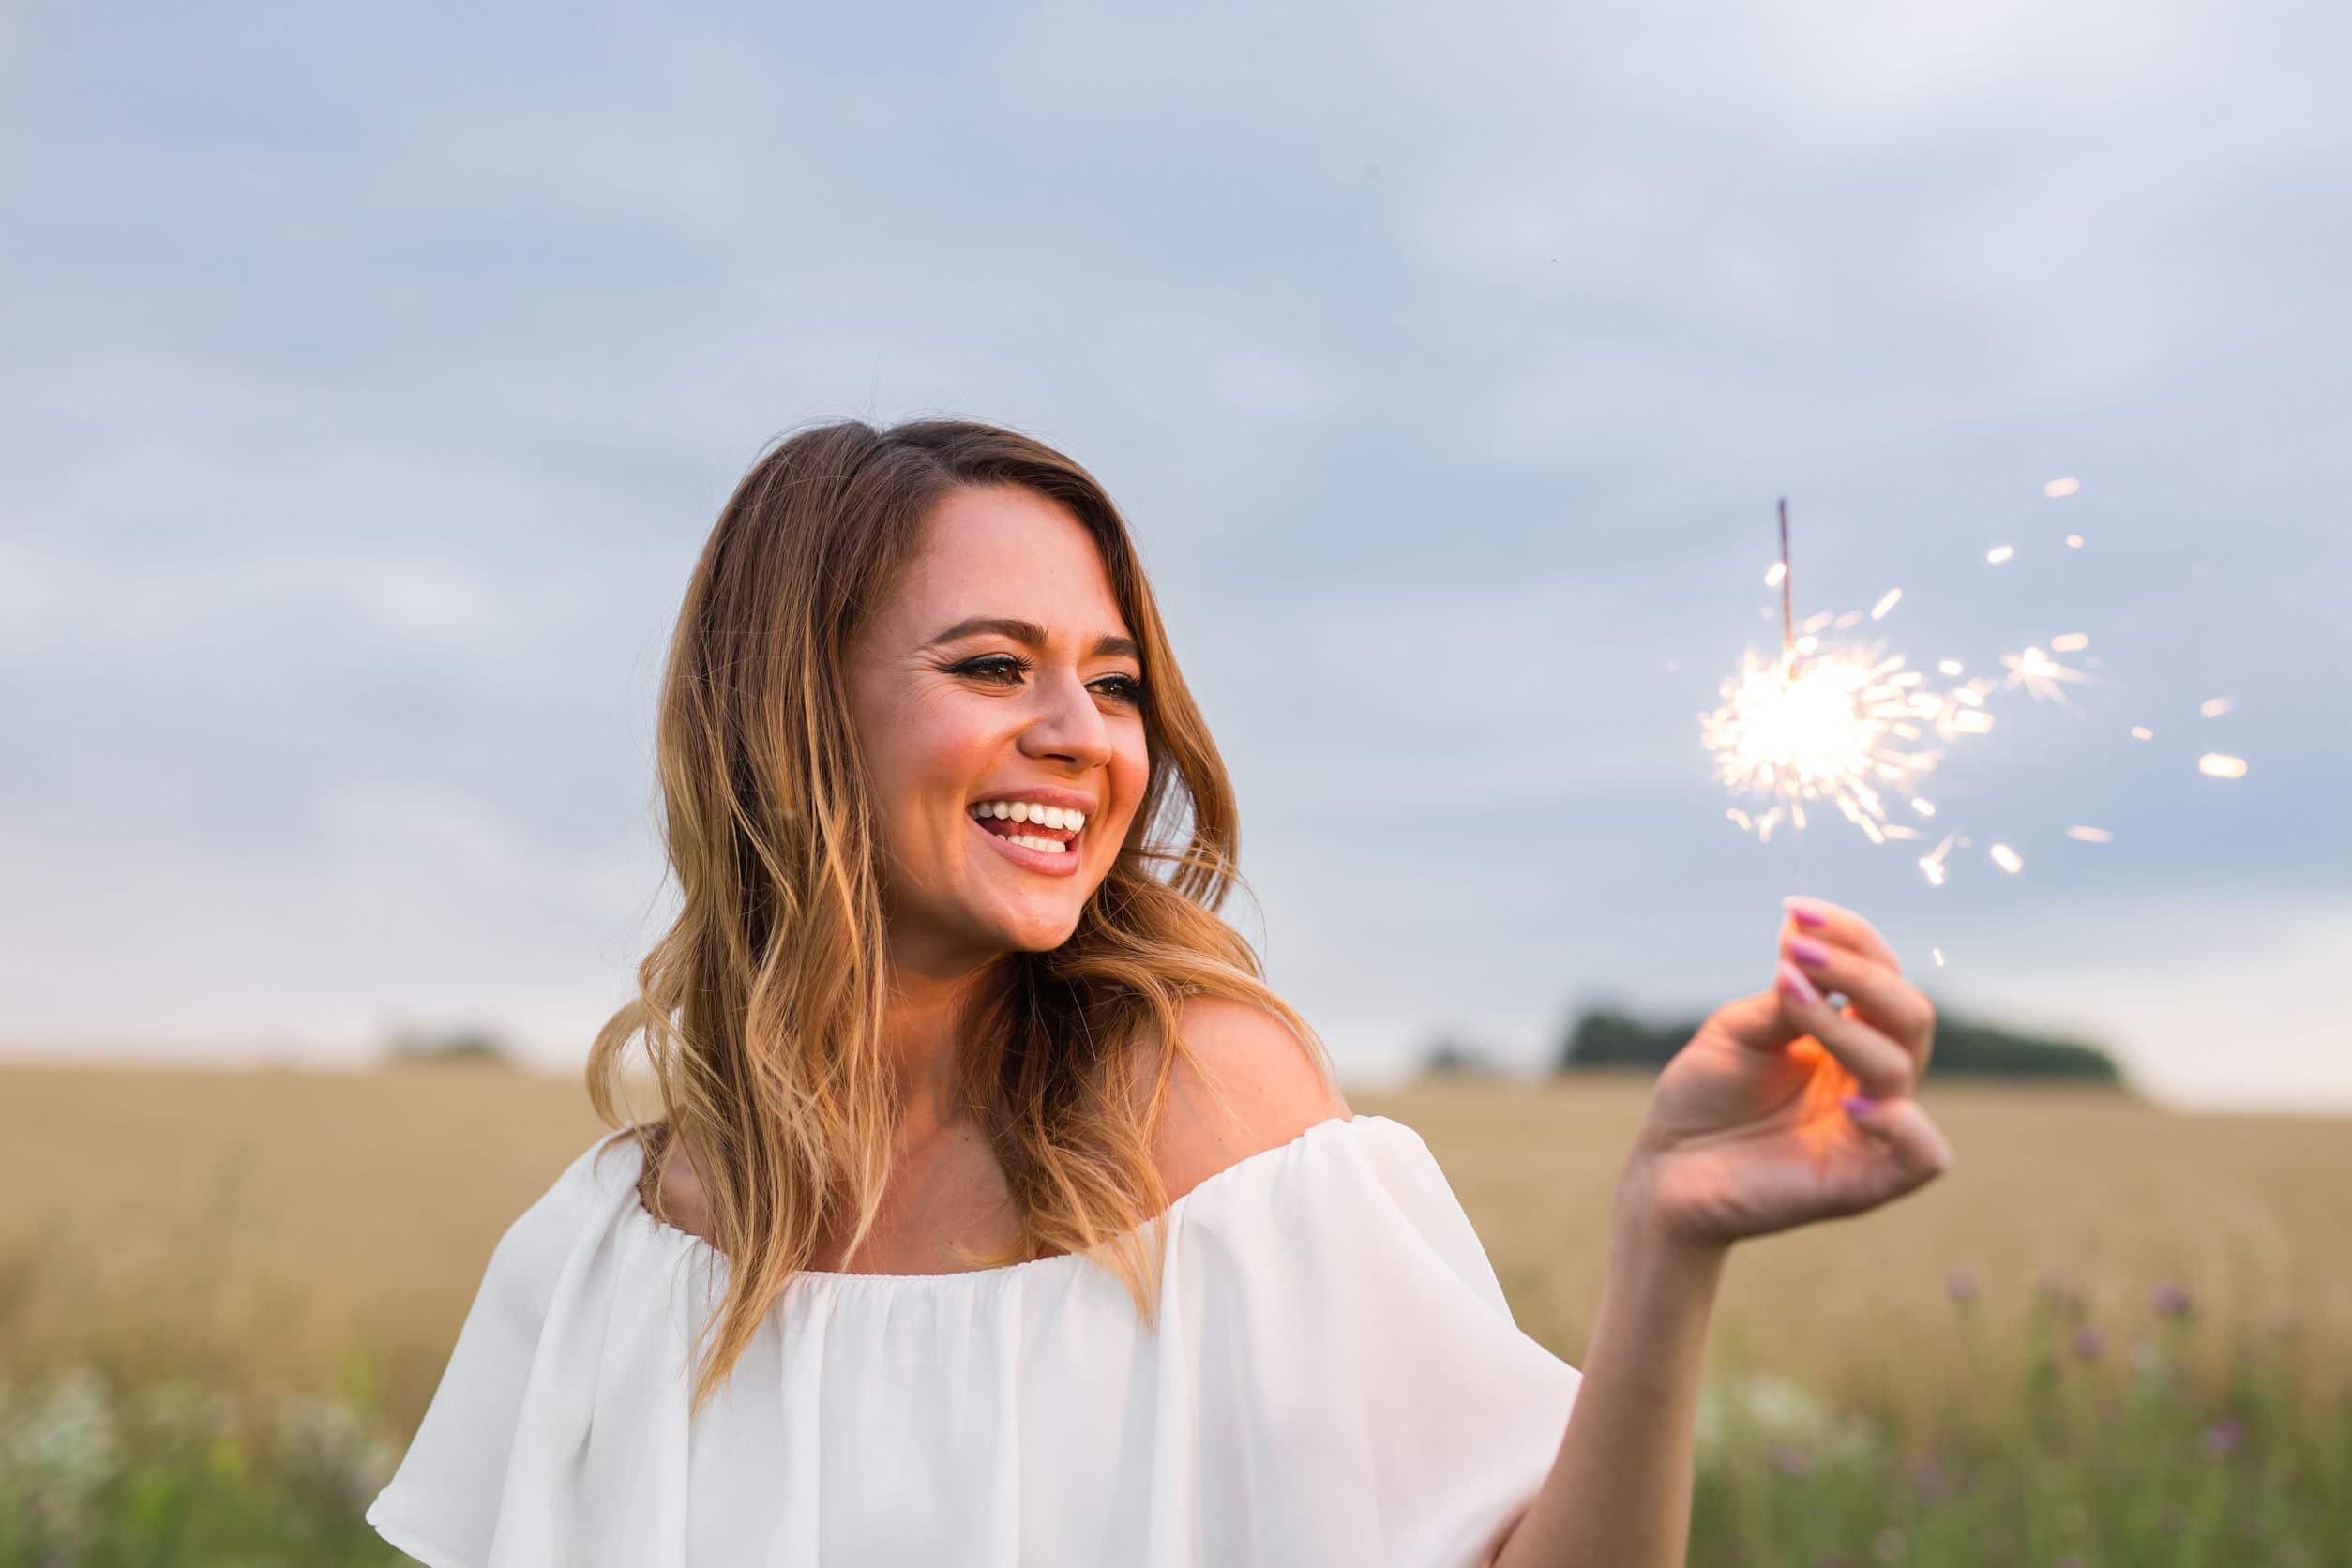 Mulher loira, sorridente em meio de um campo, segurando uma vela que solta faíscas.